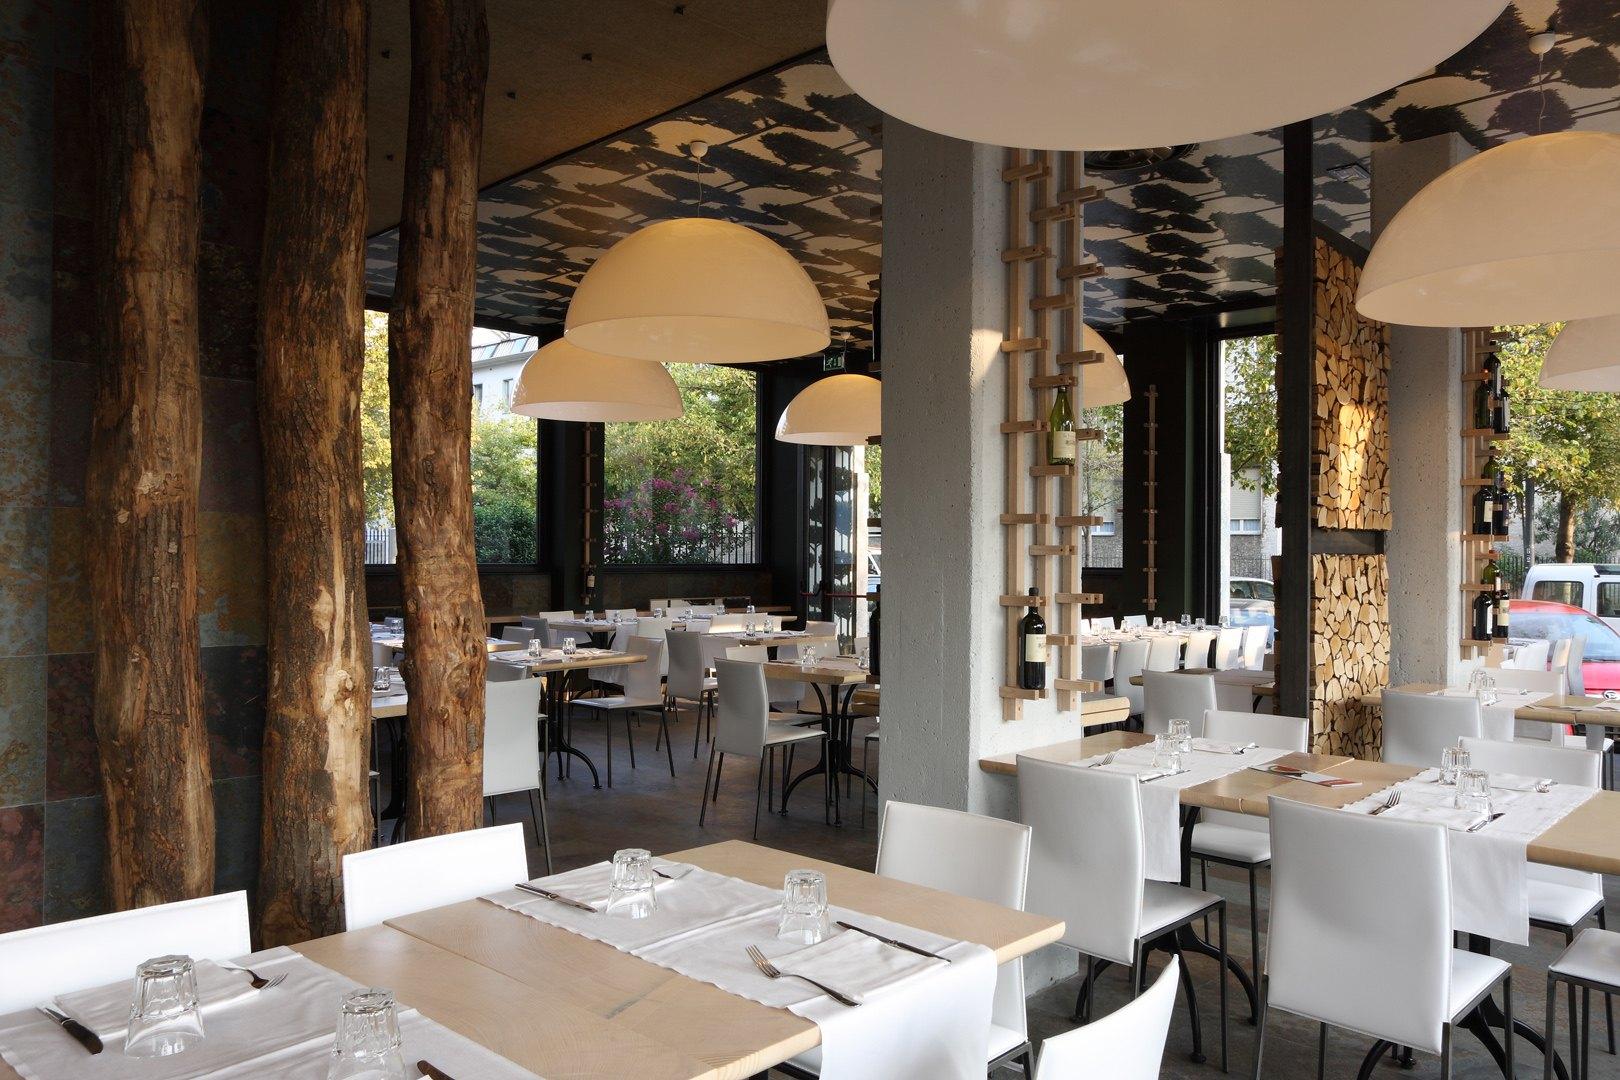 Grani e braci milano gallerie agrodolce for Ristoranti di design